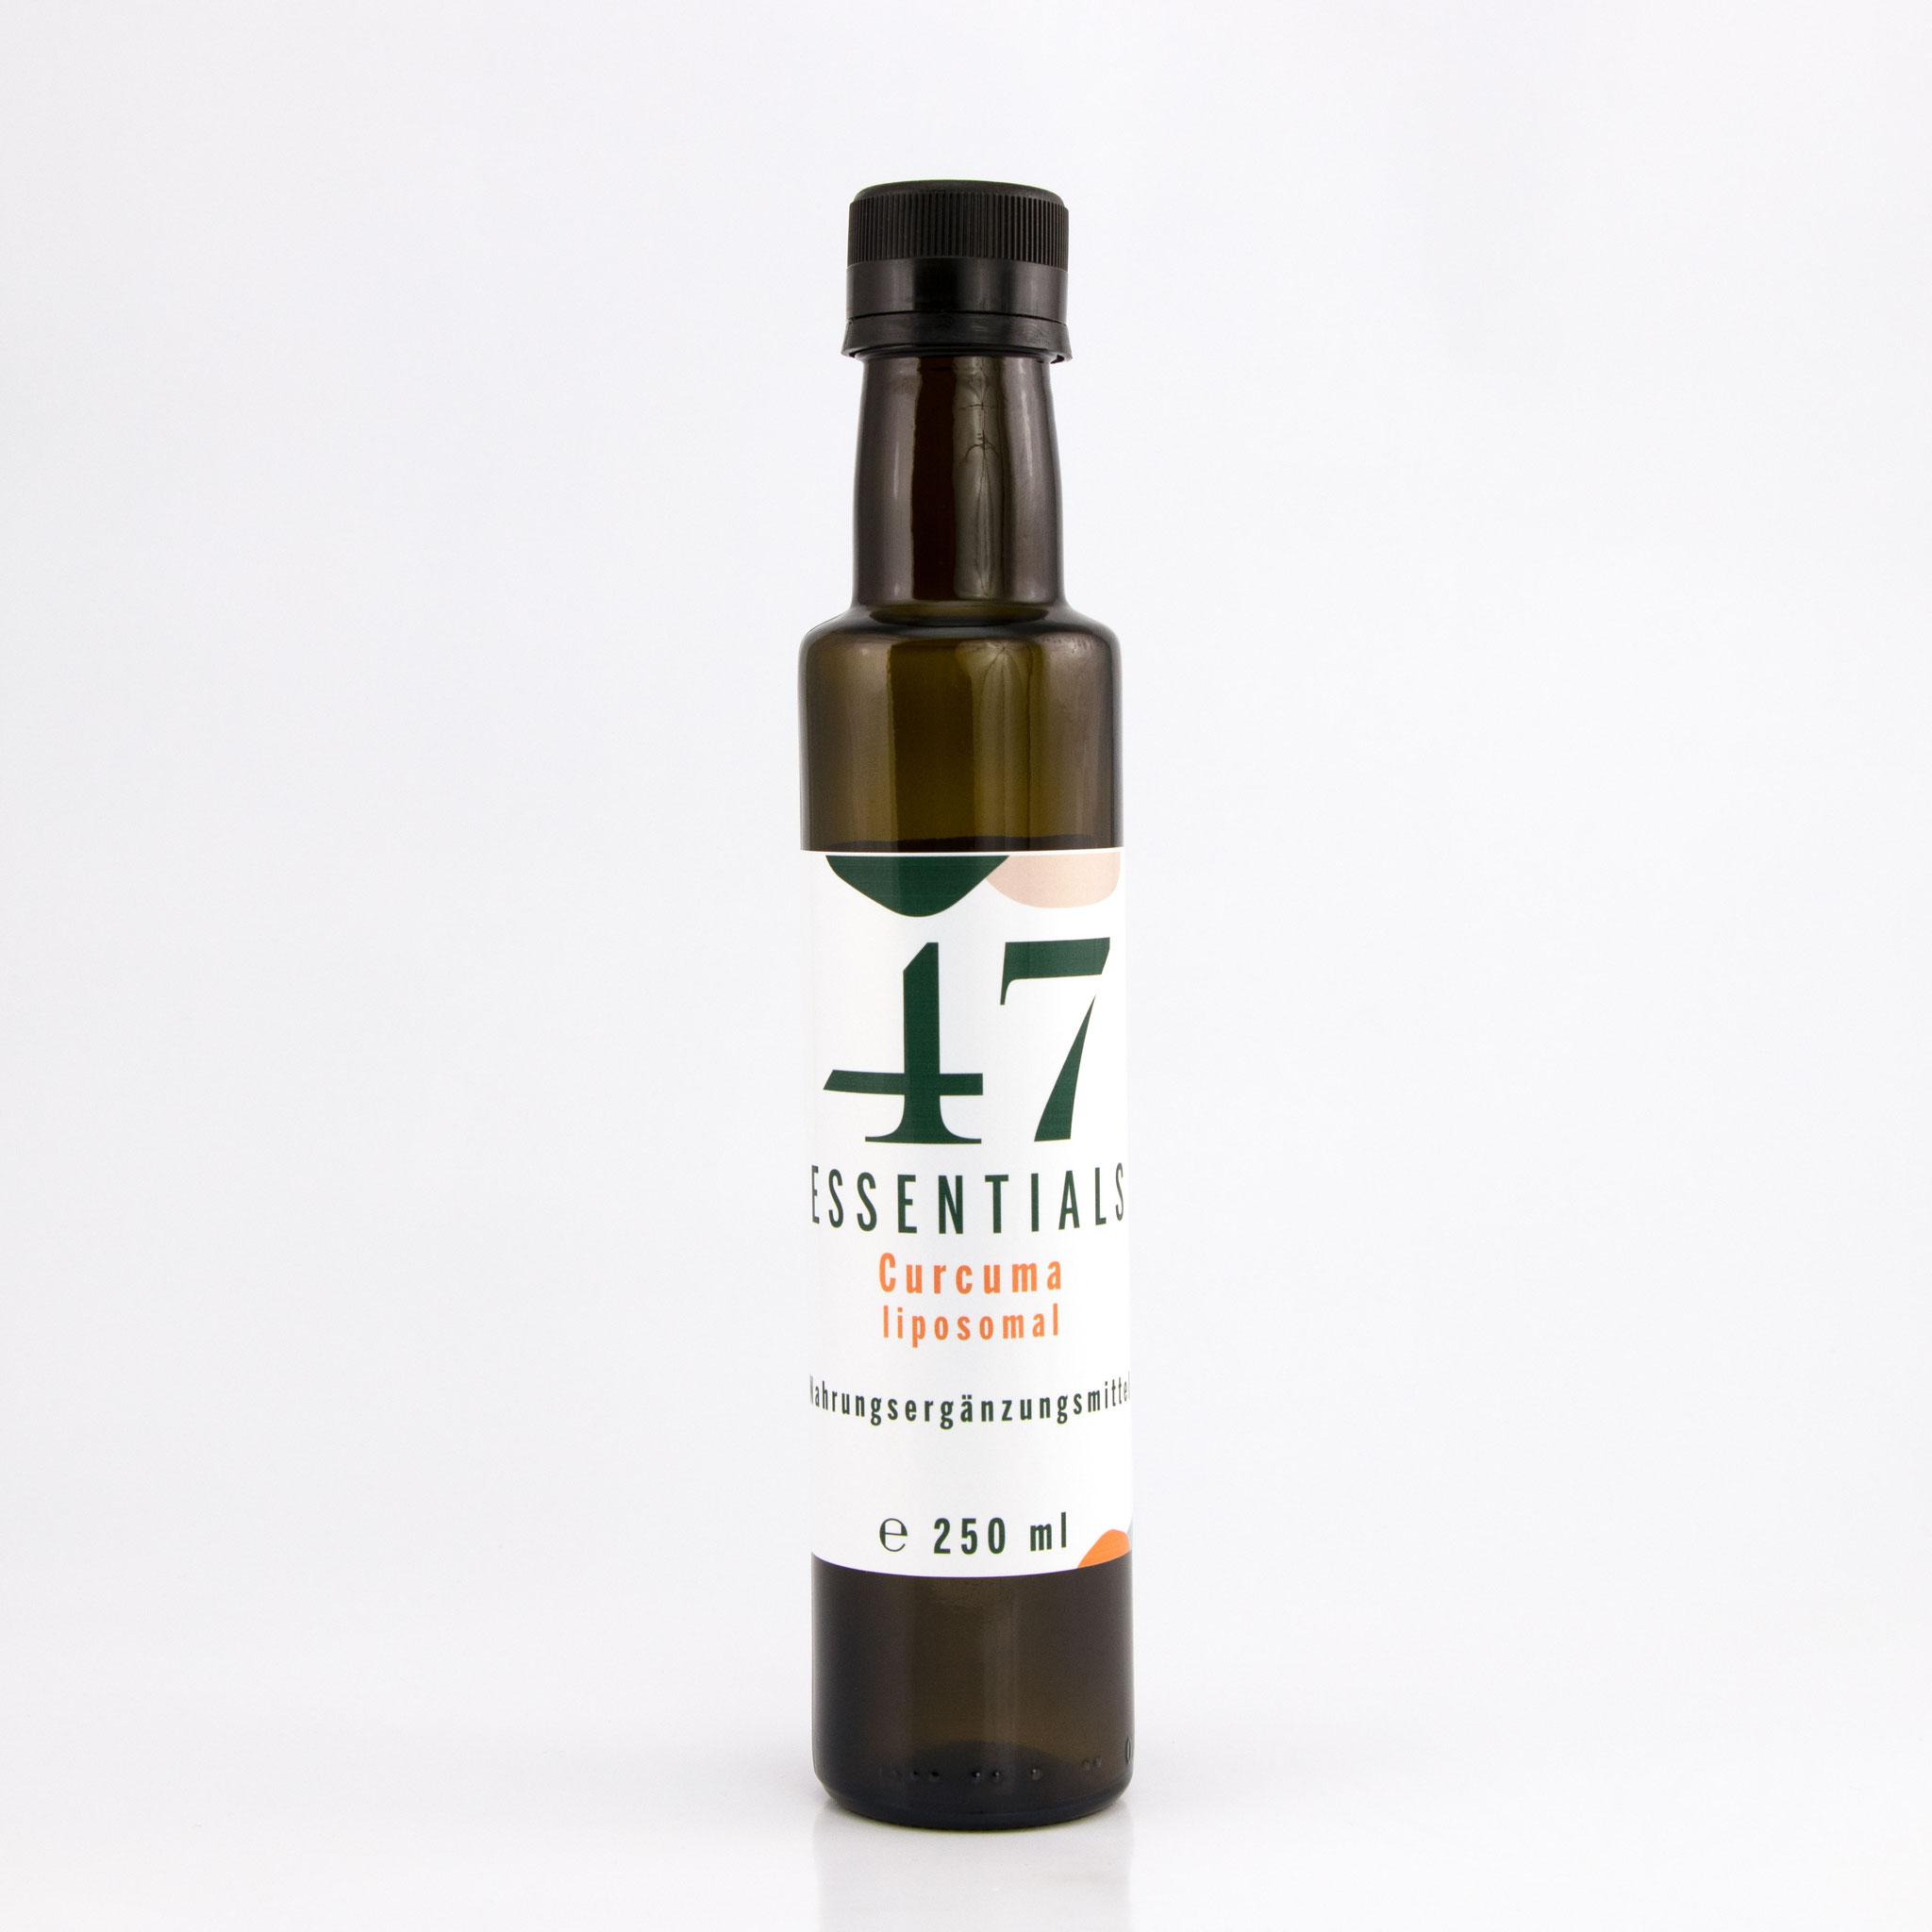 Curcuma liposomal 250 ml (Entzündung? Nein Danke)     € 59,00          Klicken Sie hier um mehr über das Produkt zu erfahren